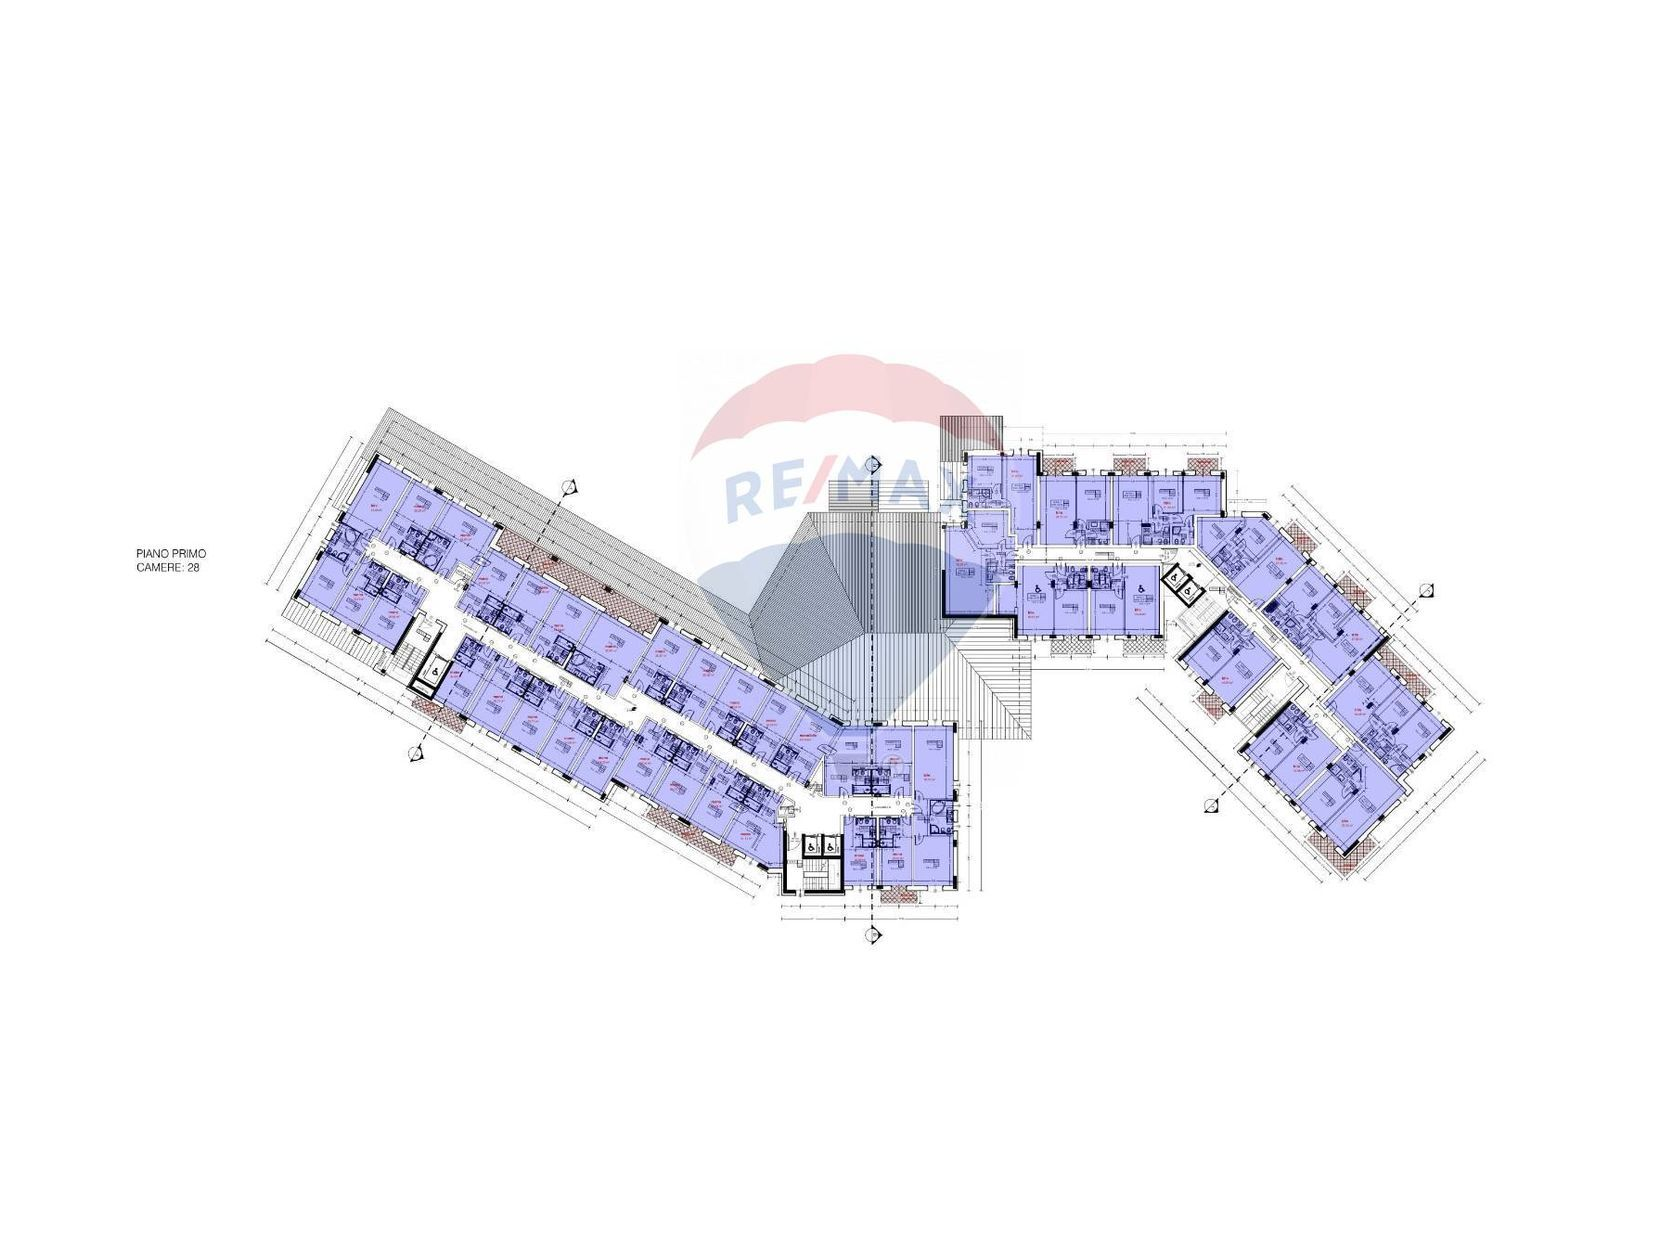 Albergo/Hotel Ponte di Legno, BS Vendita - Planimetria 3